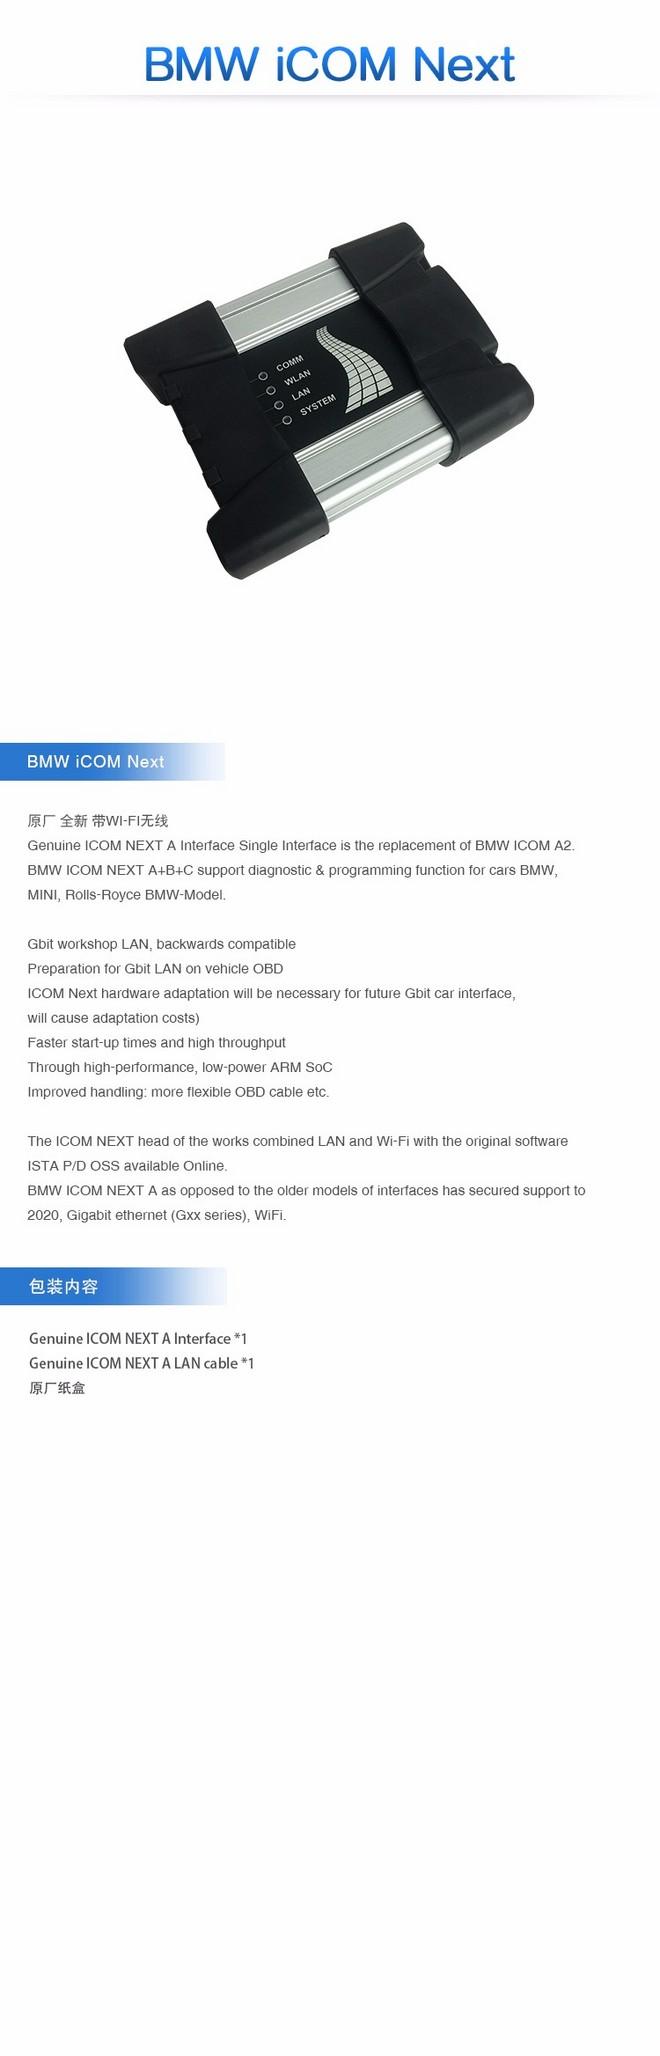 BMW ICOM NEXT.jpg